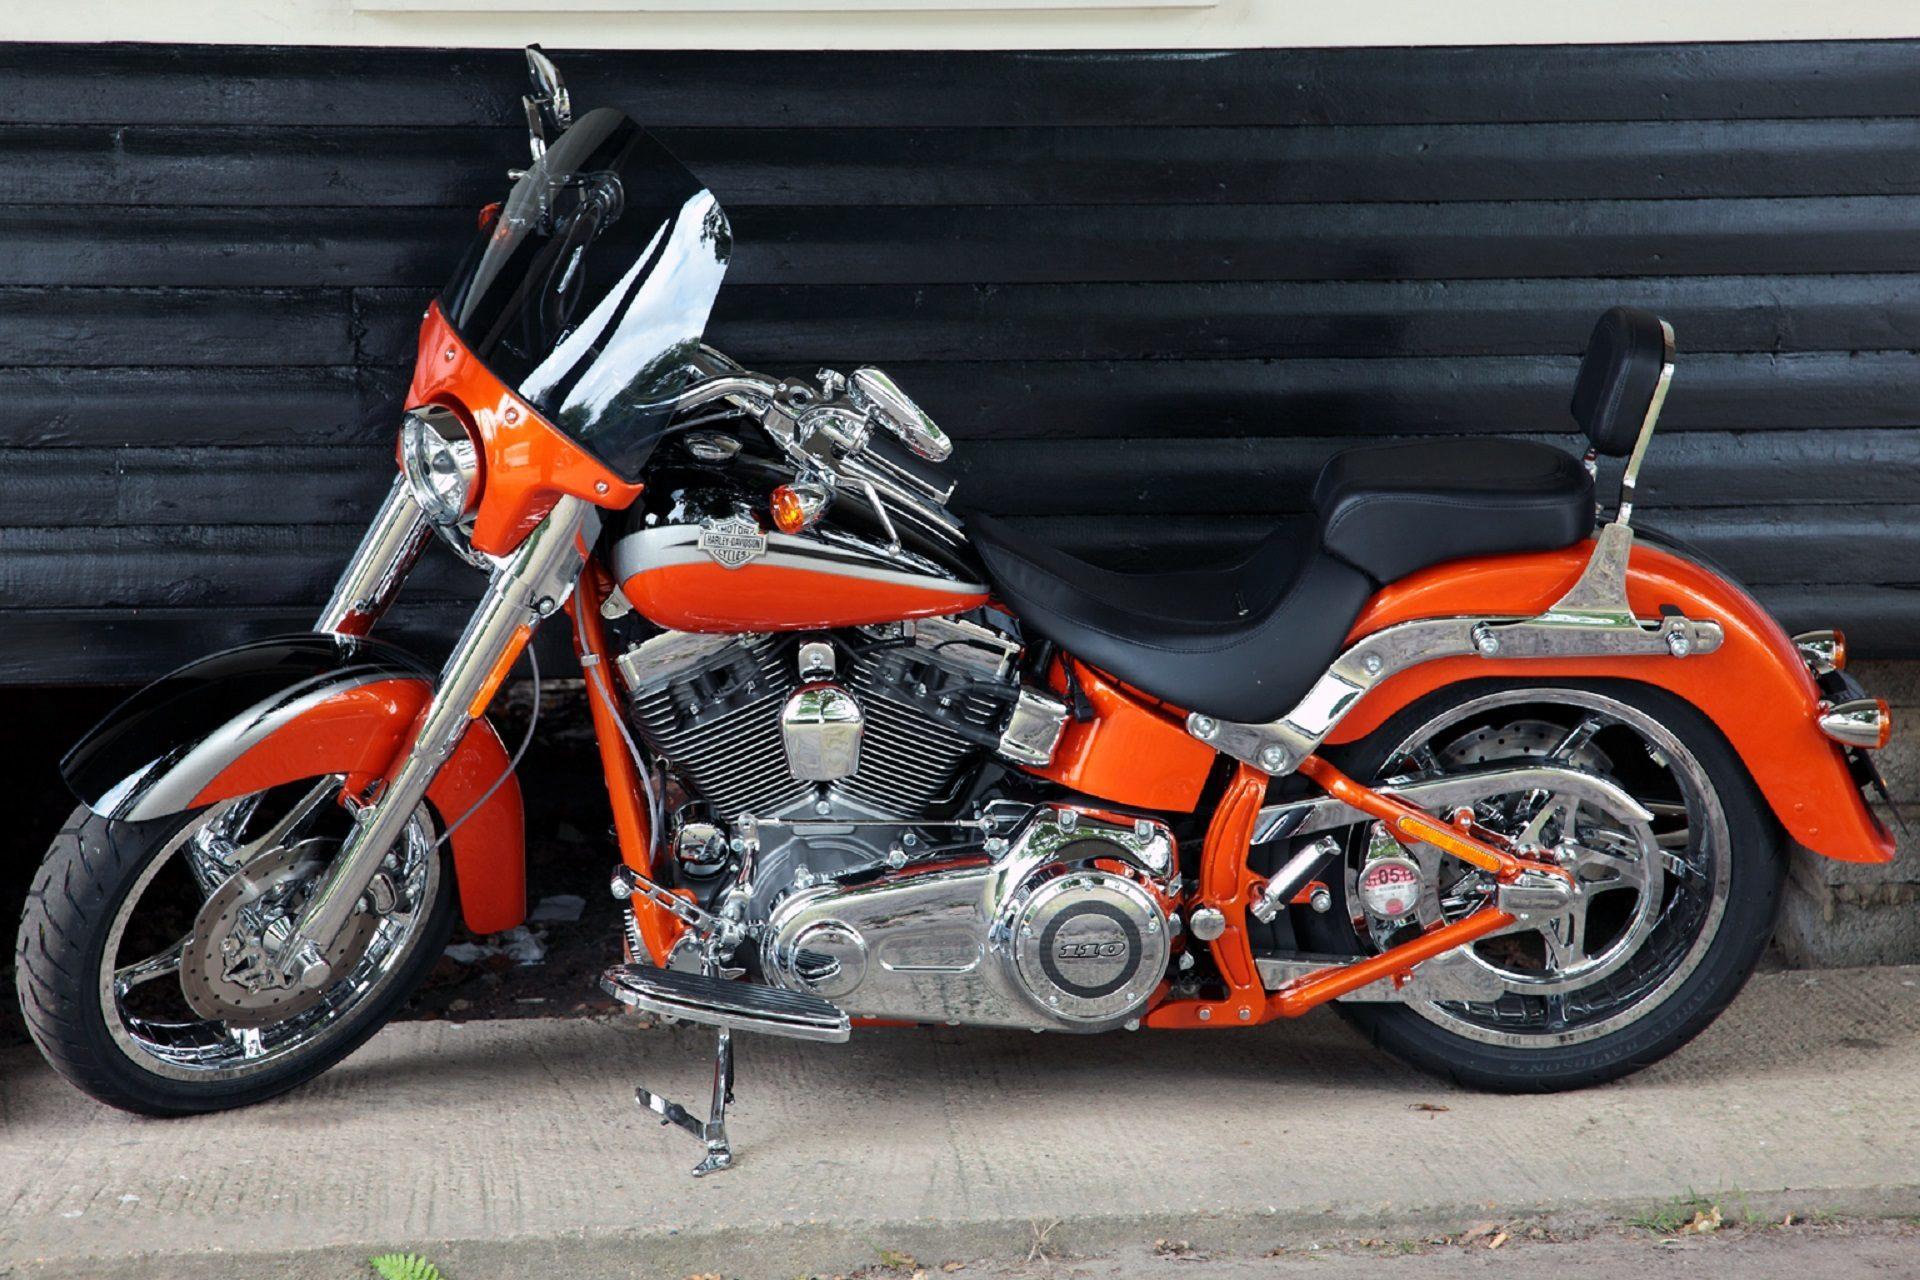 Fahrrad, Stil, Leidenschaft, Harley Davidson, Motorrad - Wallpaper HD - Prof.-falken.com